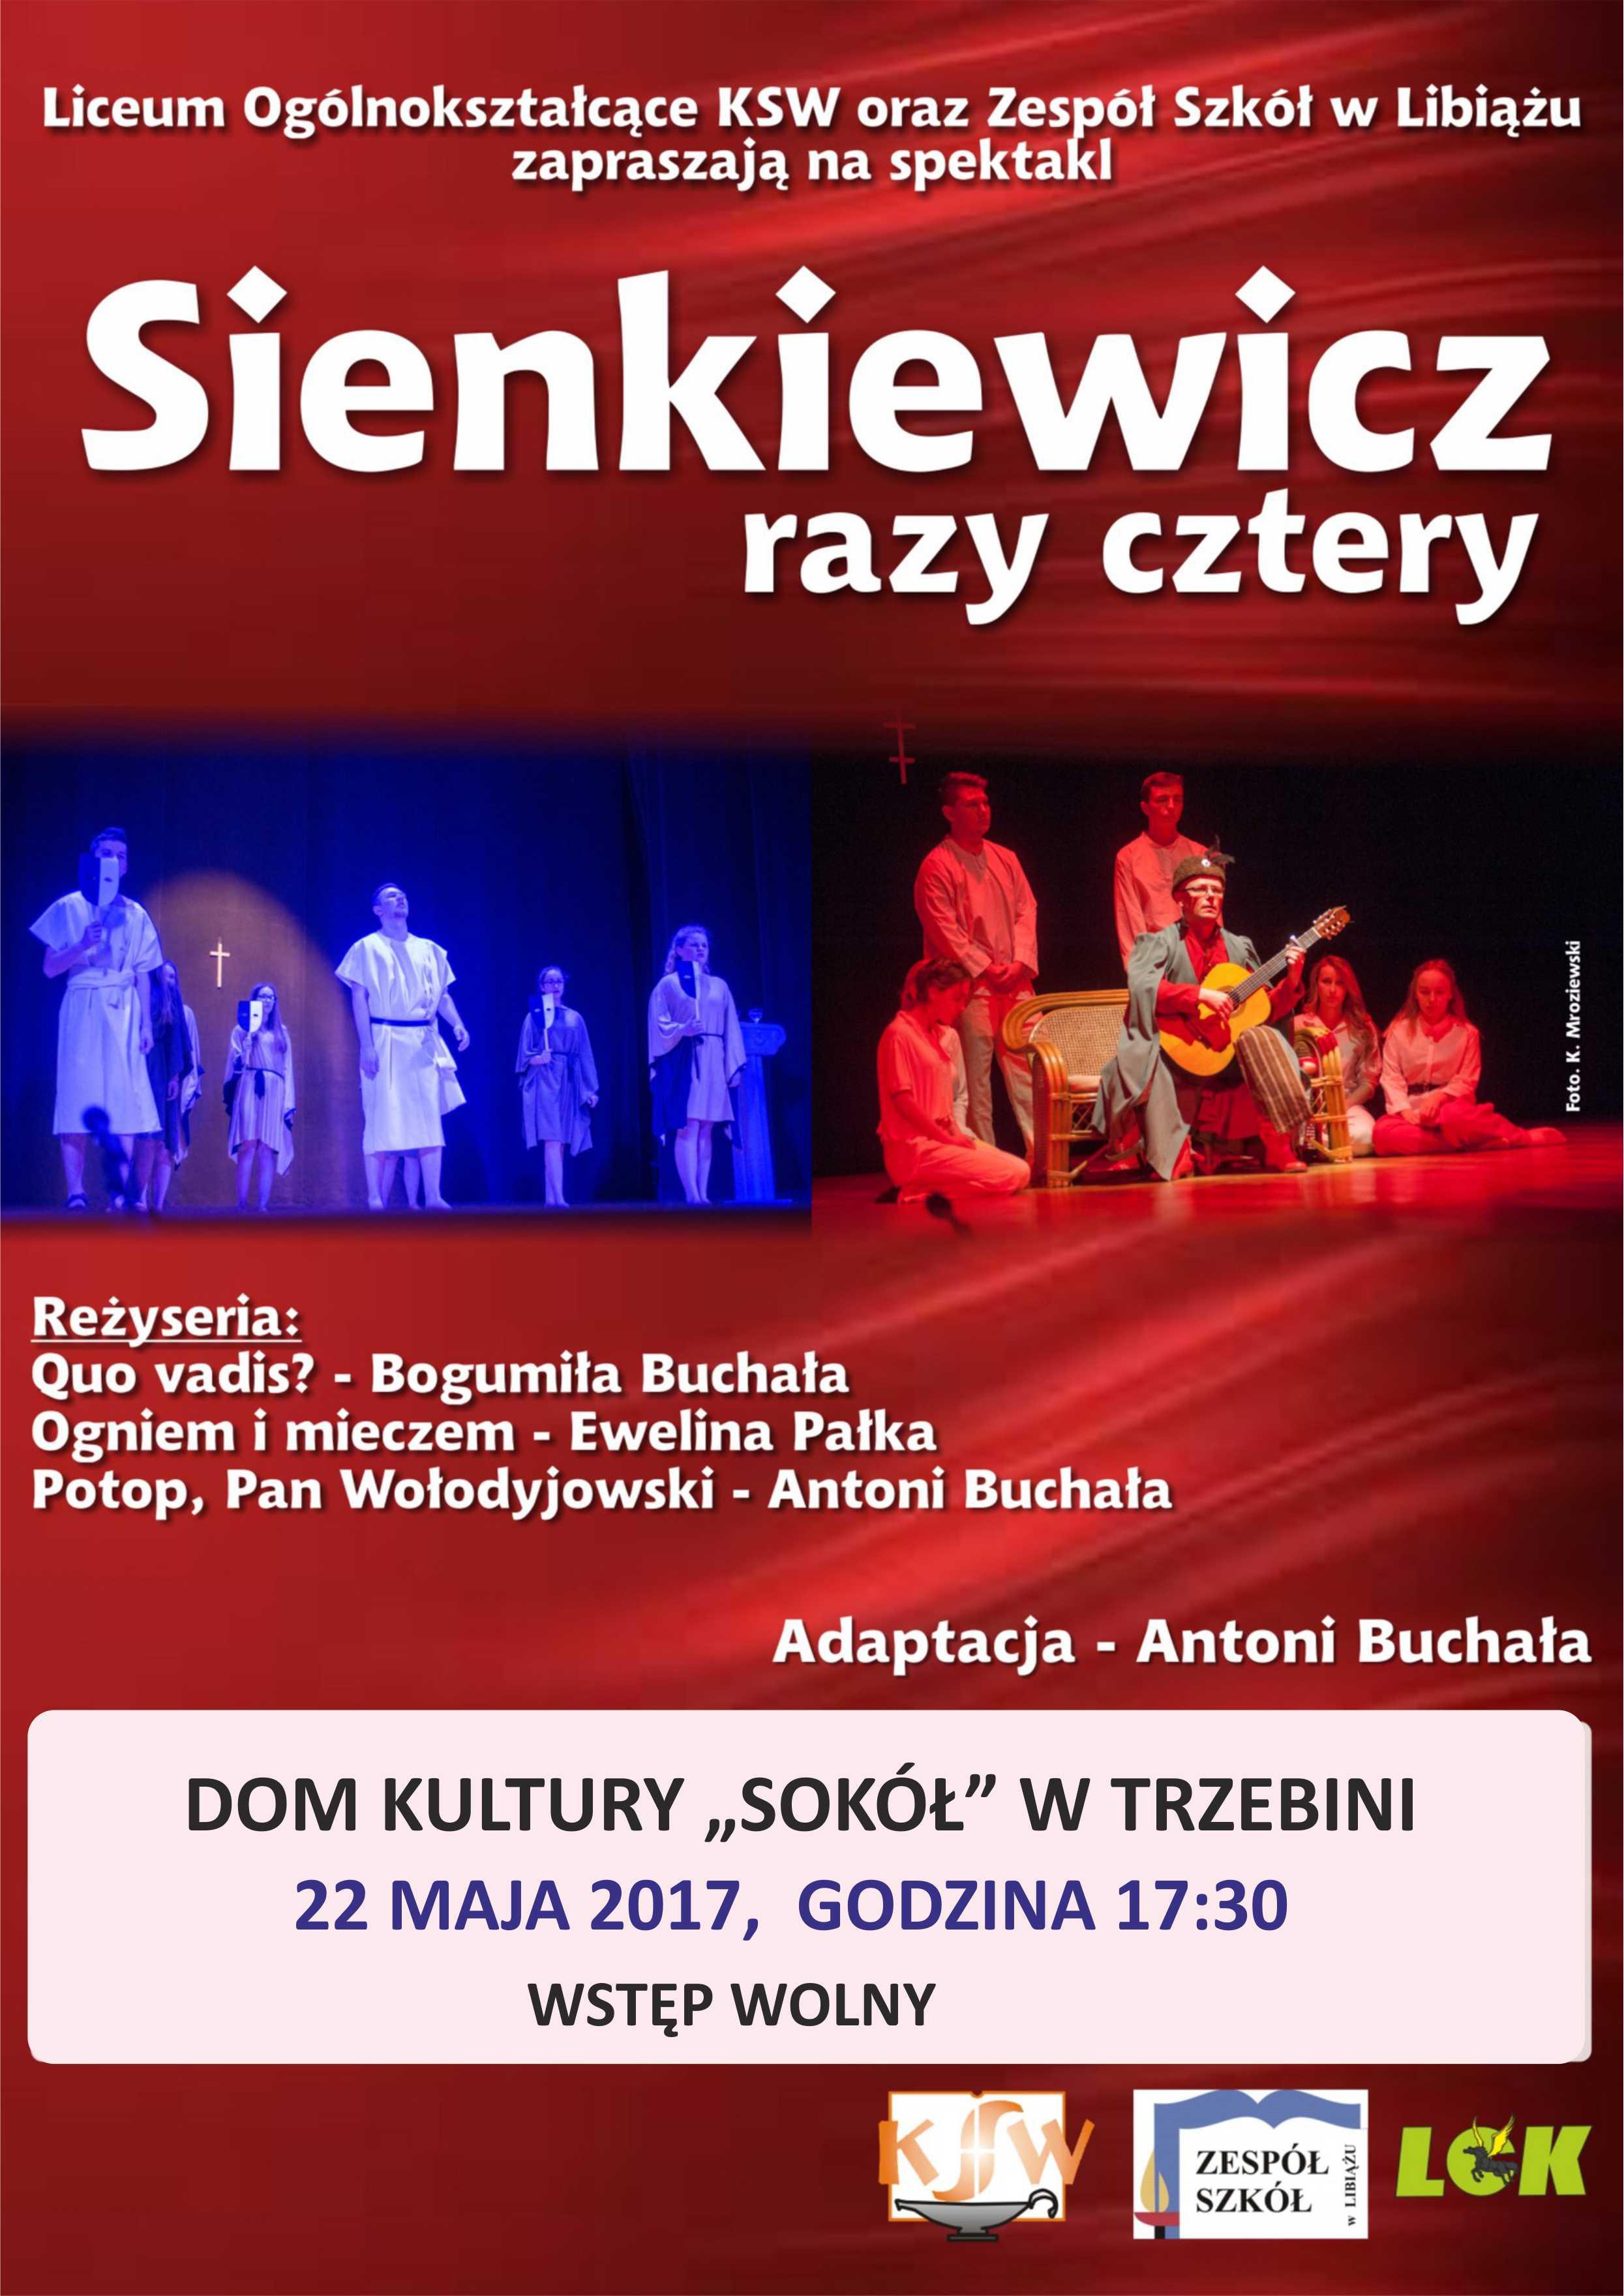 Sienkiewicz cztery razy - spektakl teatralny